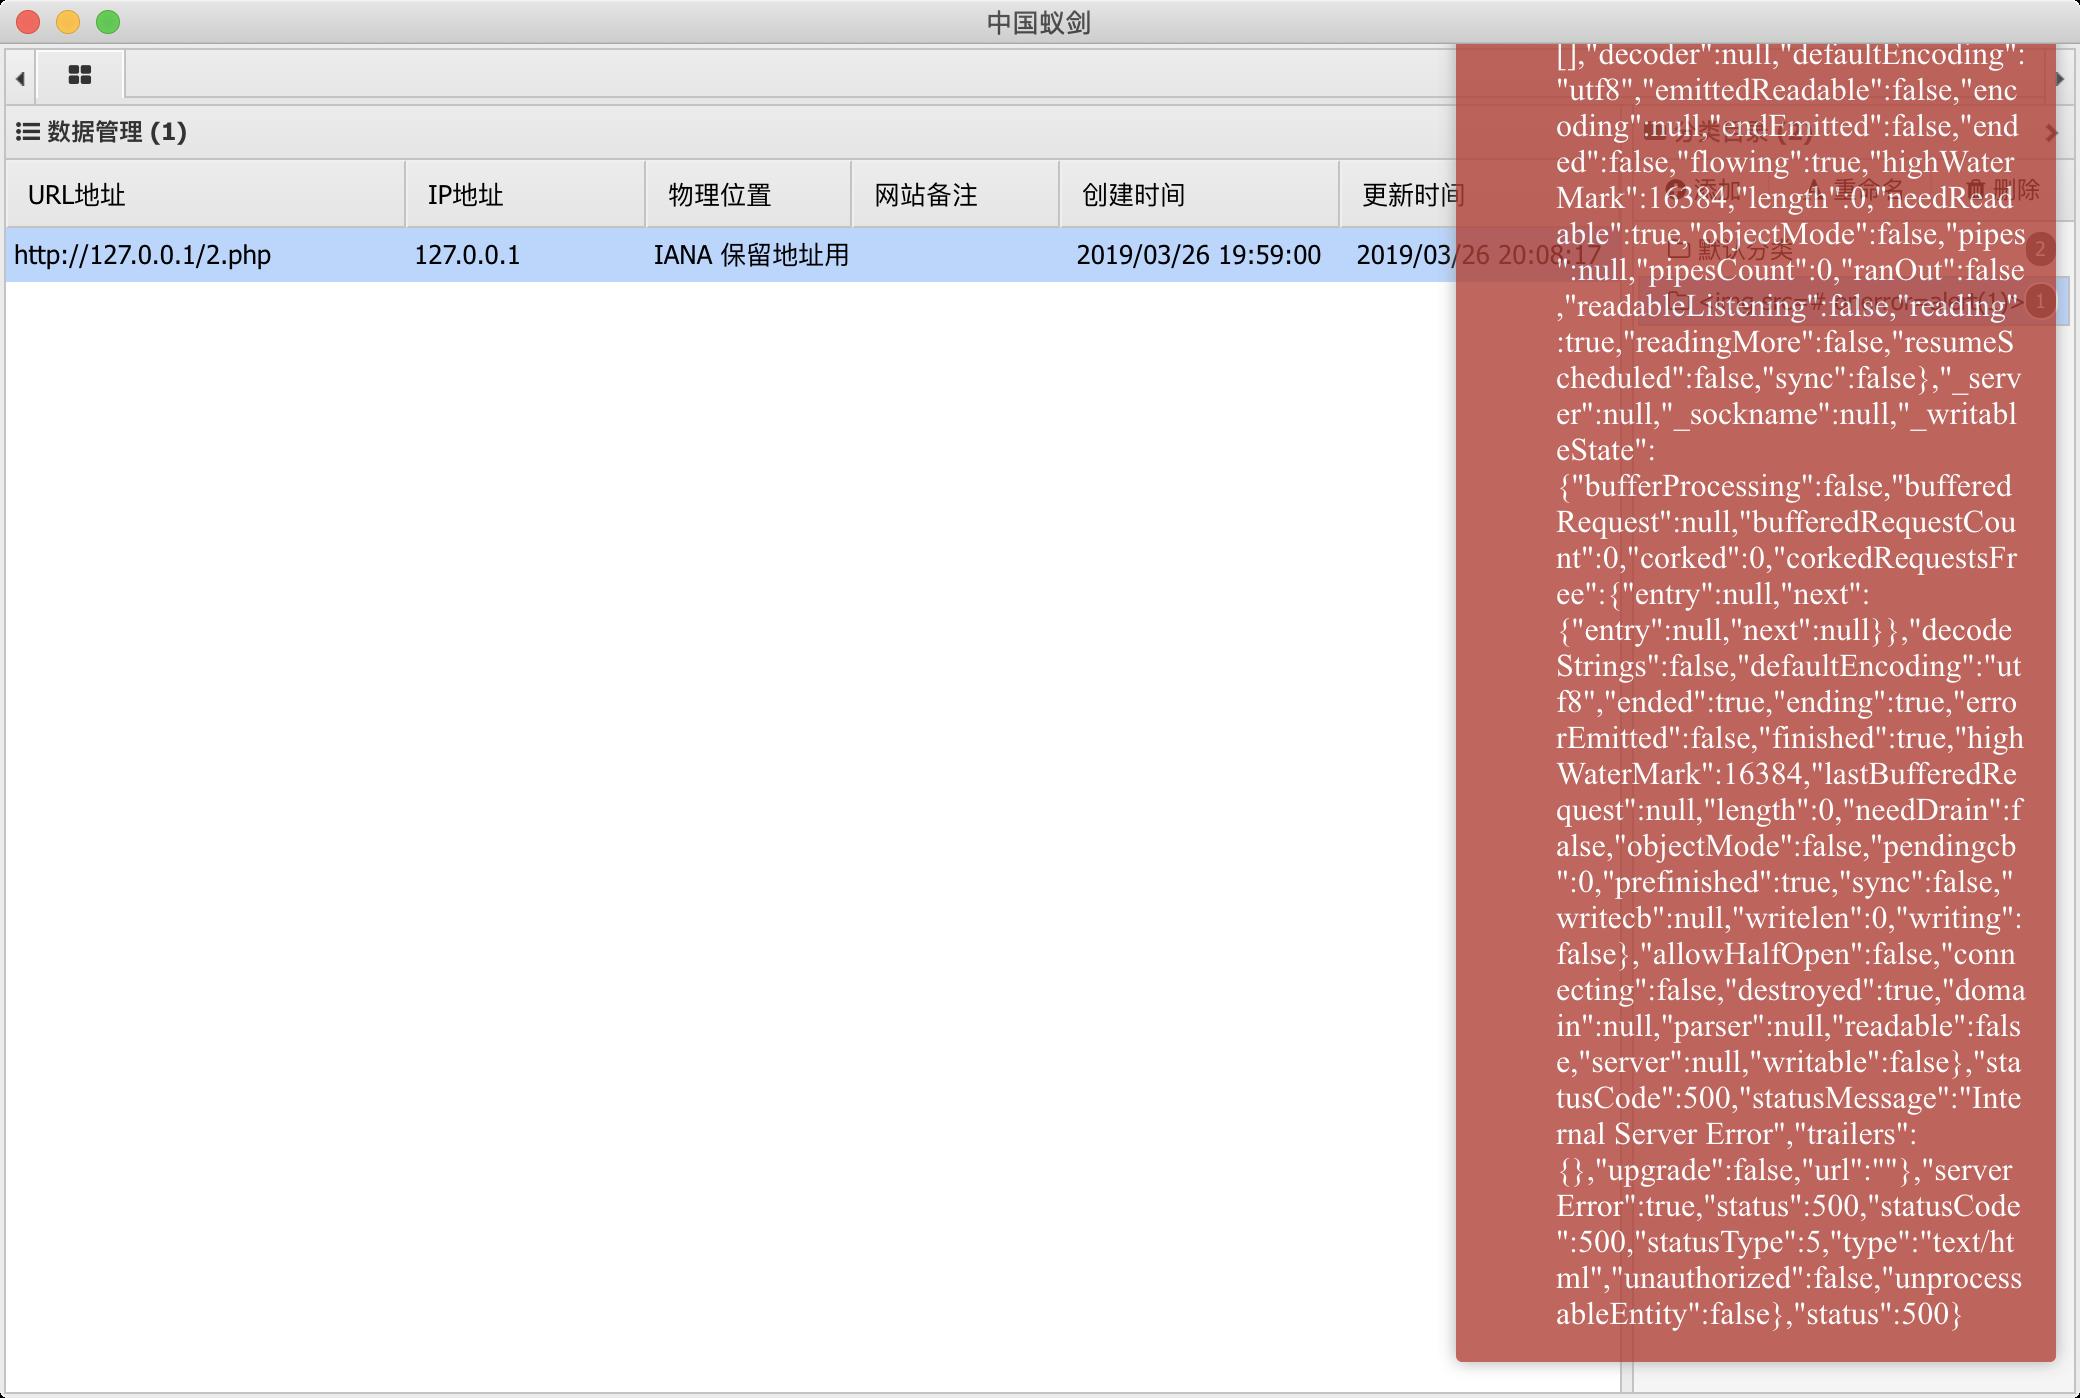 被曝 XSS 漏洞中国蚁剑,可导致远程命令执行-互联网之家